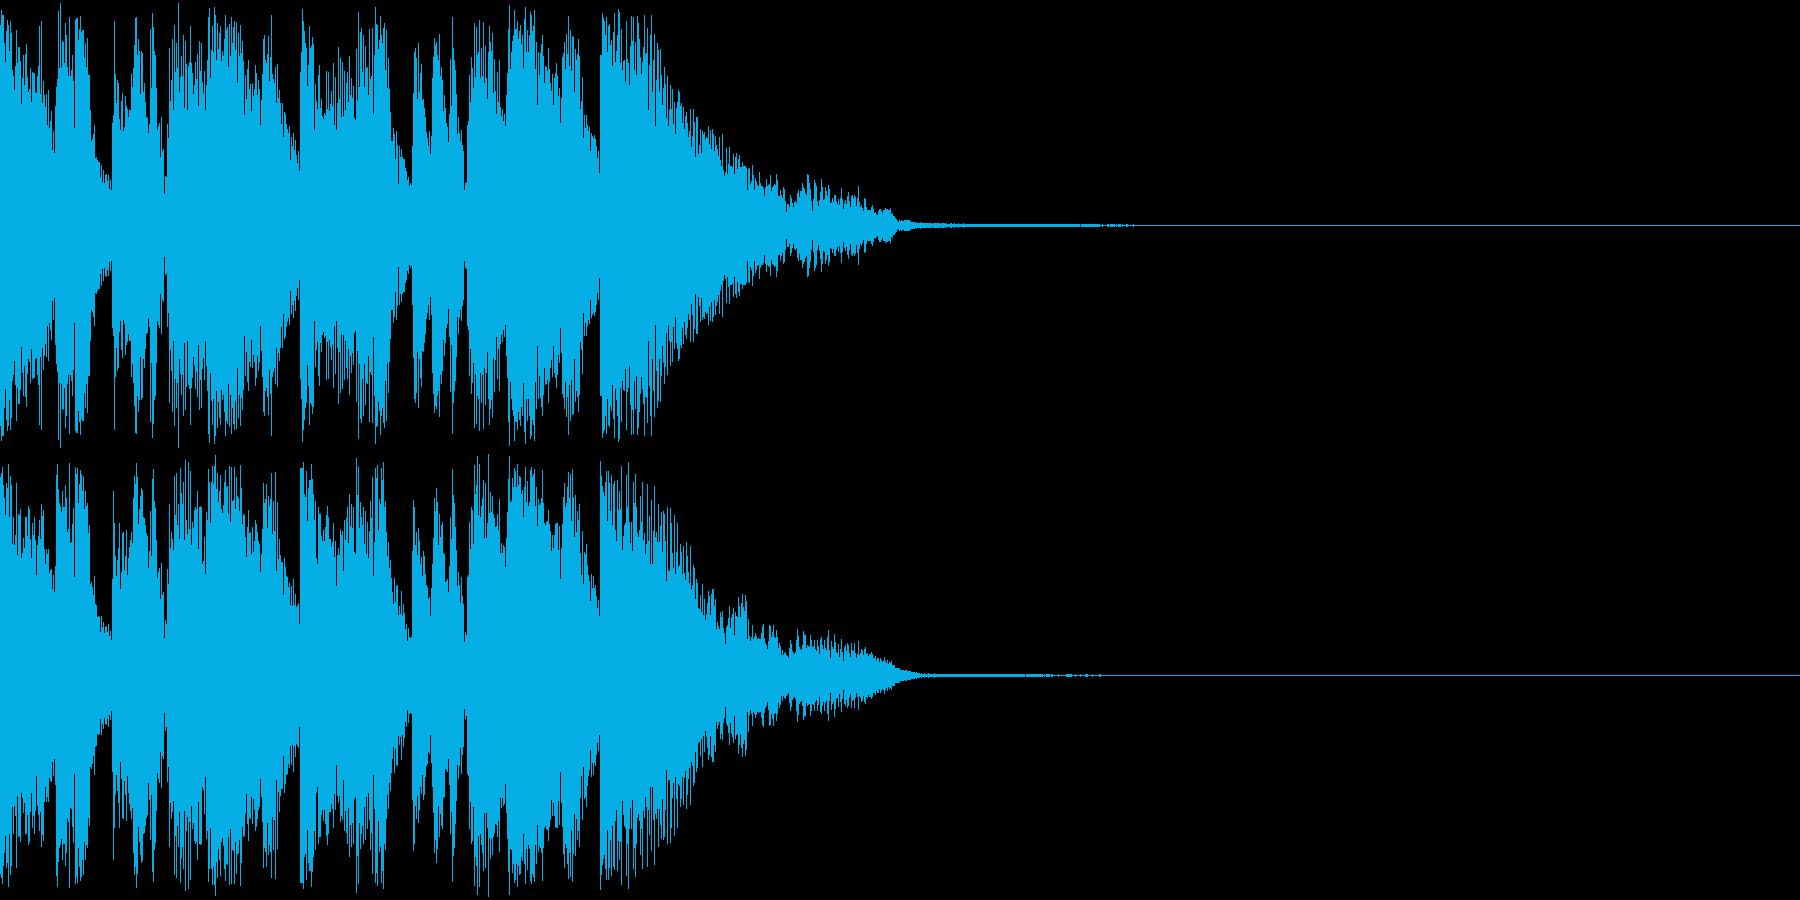 テクノポップなジングルの再生済みの波形